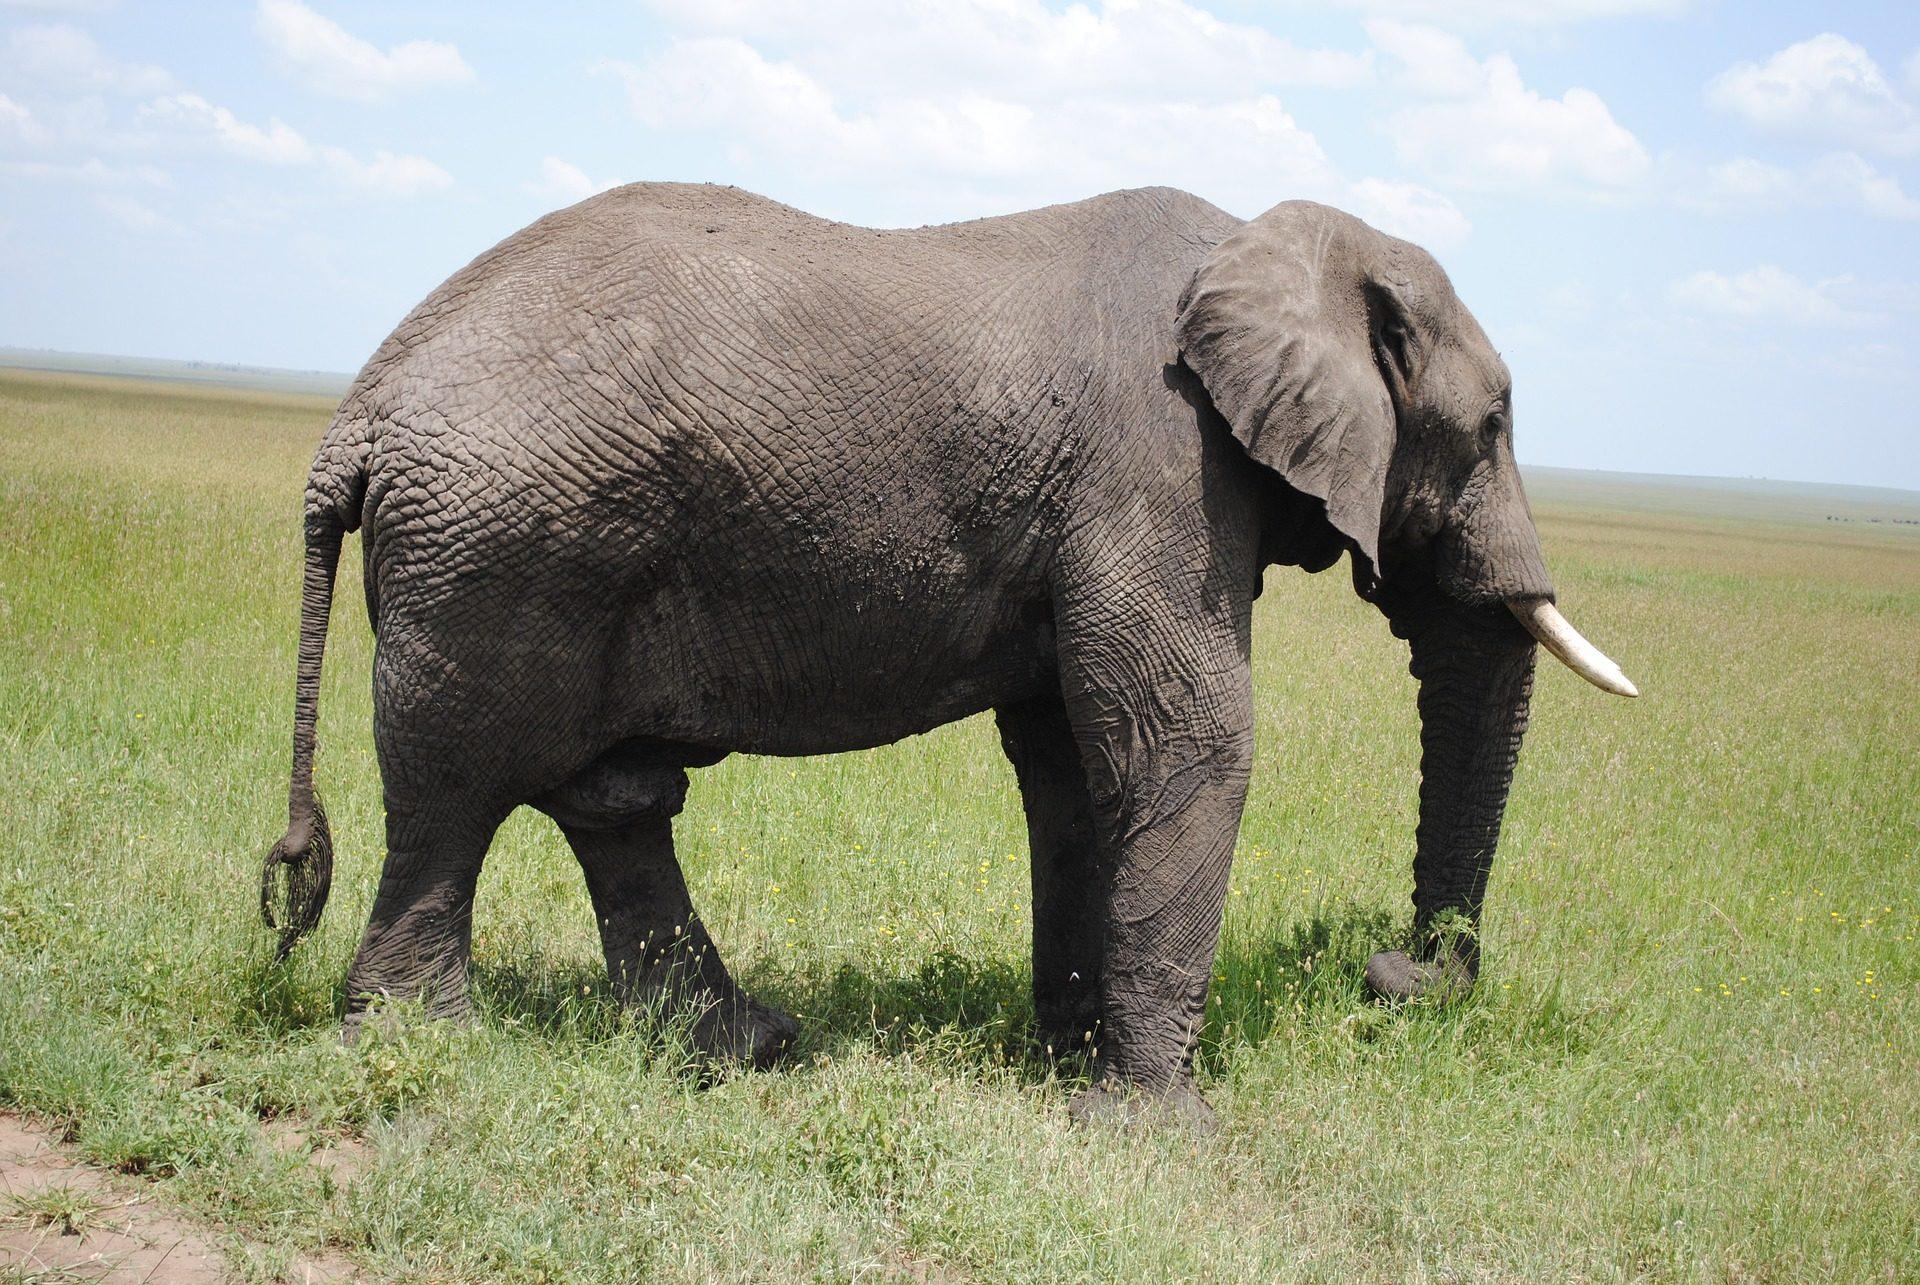 elefante, presas, liberdade, Serengeti, Tanzânia - Papéis de parede HD - Professor-falken.com